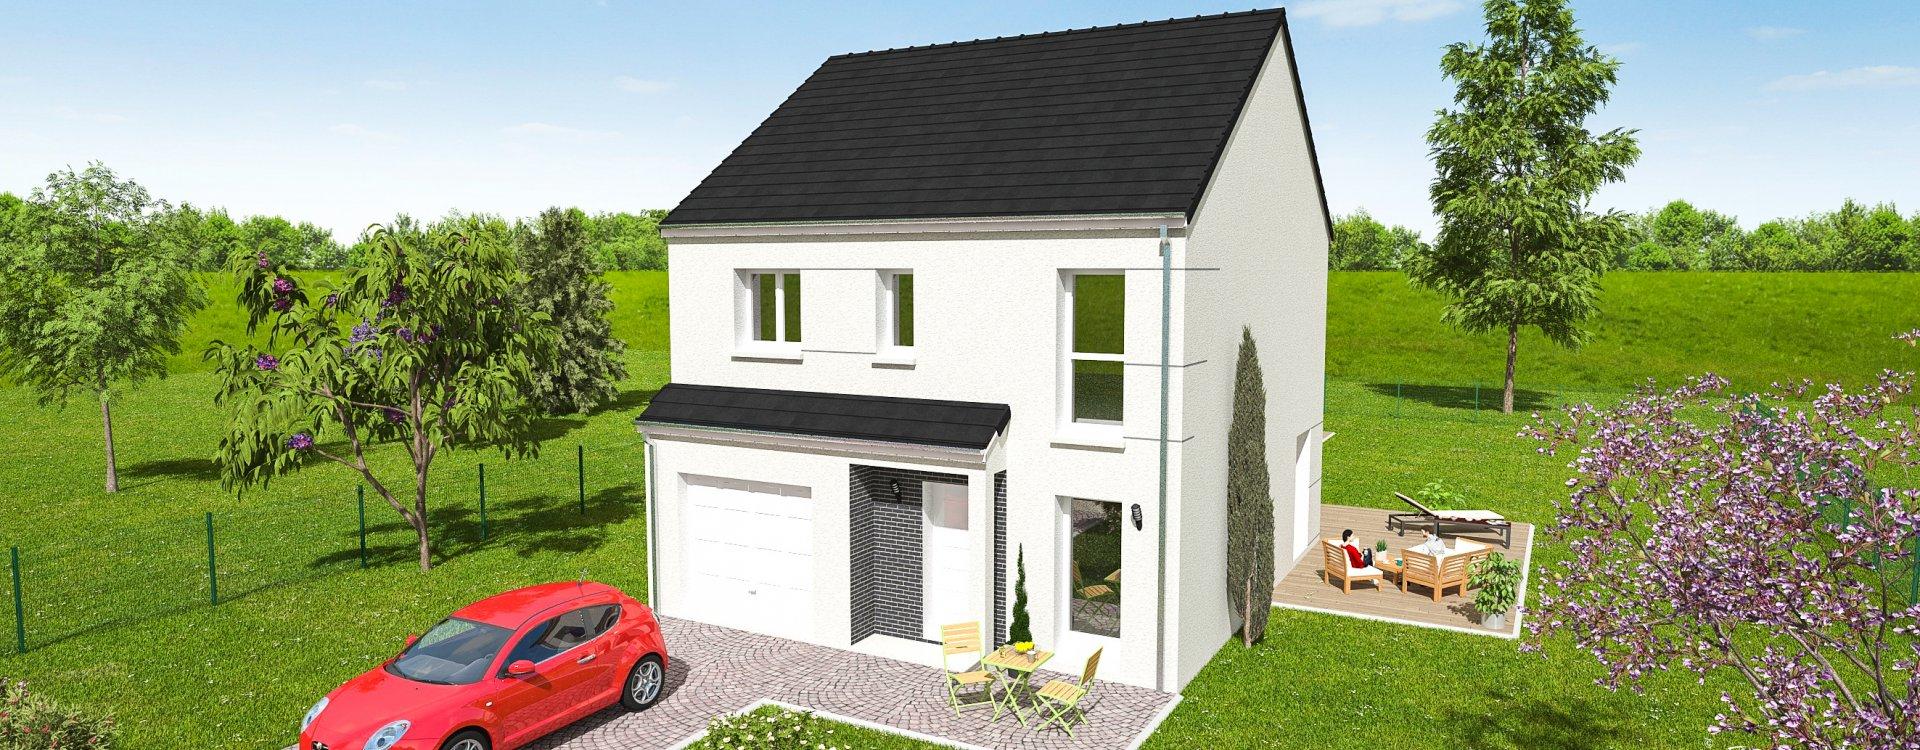 Maisons + Terrains du constructeur EASY HOUSE • 98 m² • TIGY